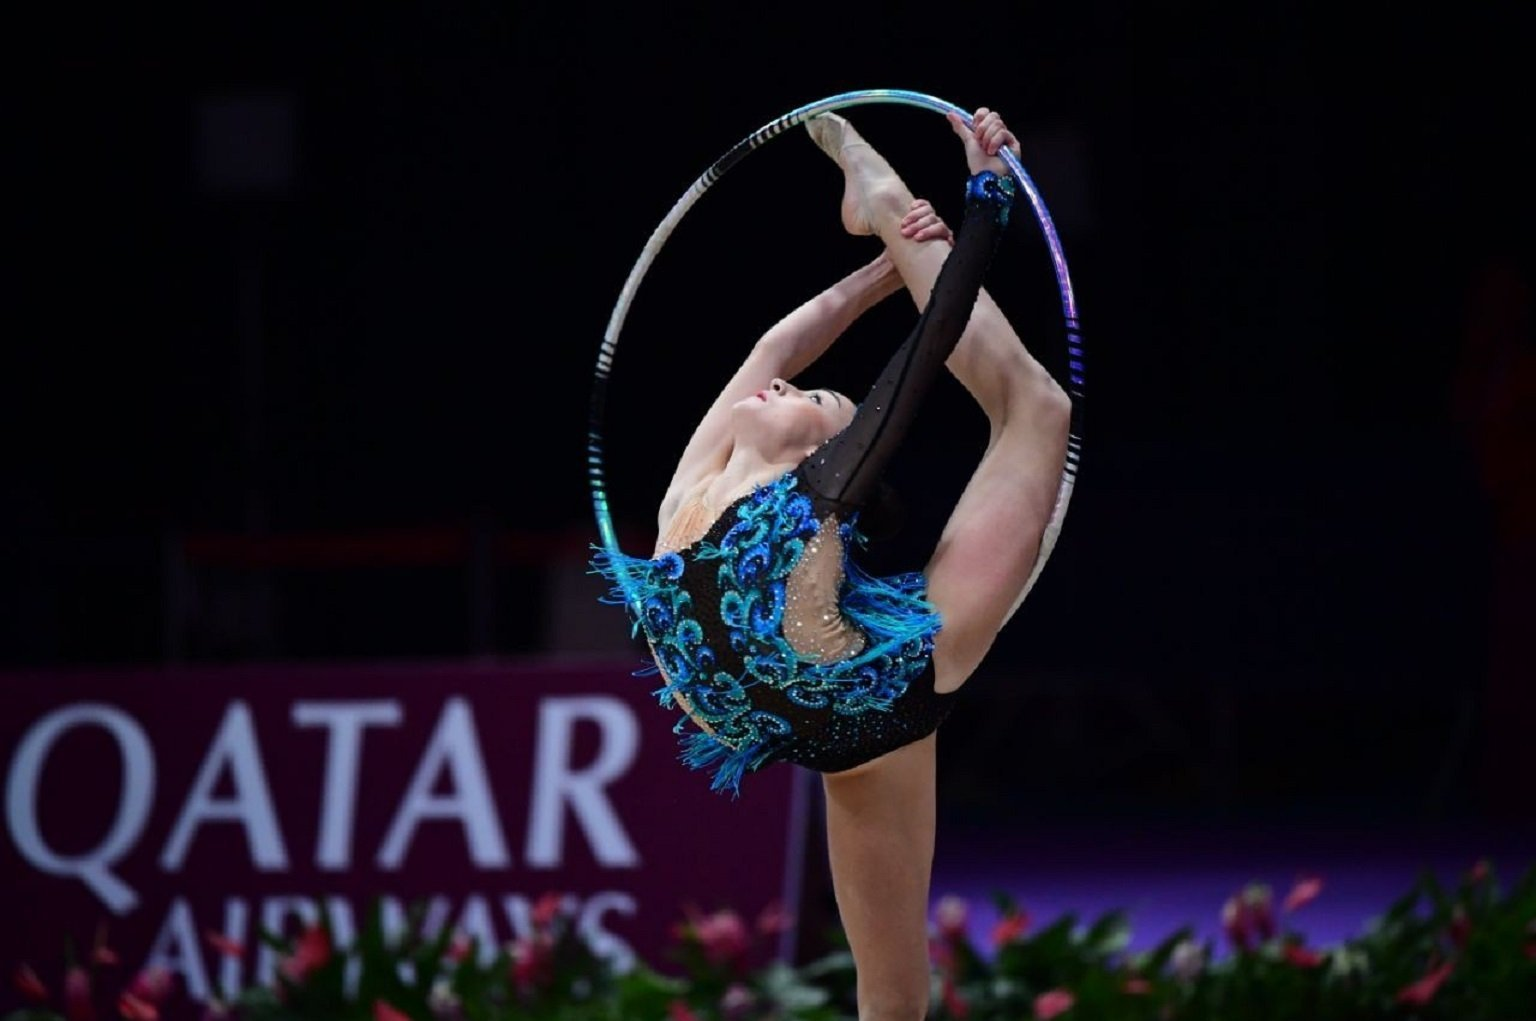 Сборная Казахстана по художественной гимнастике завоевала золотую медаль Азиатских игр